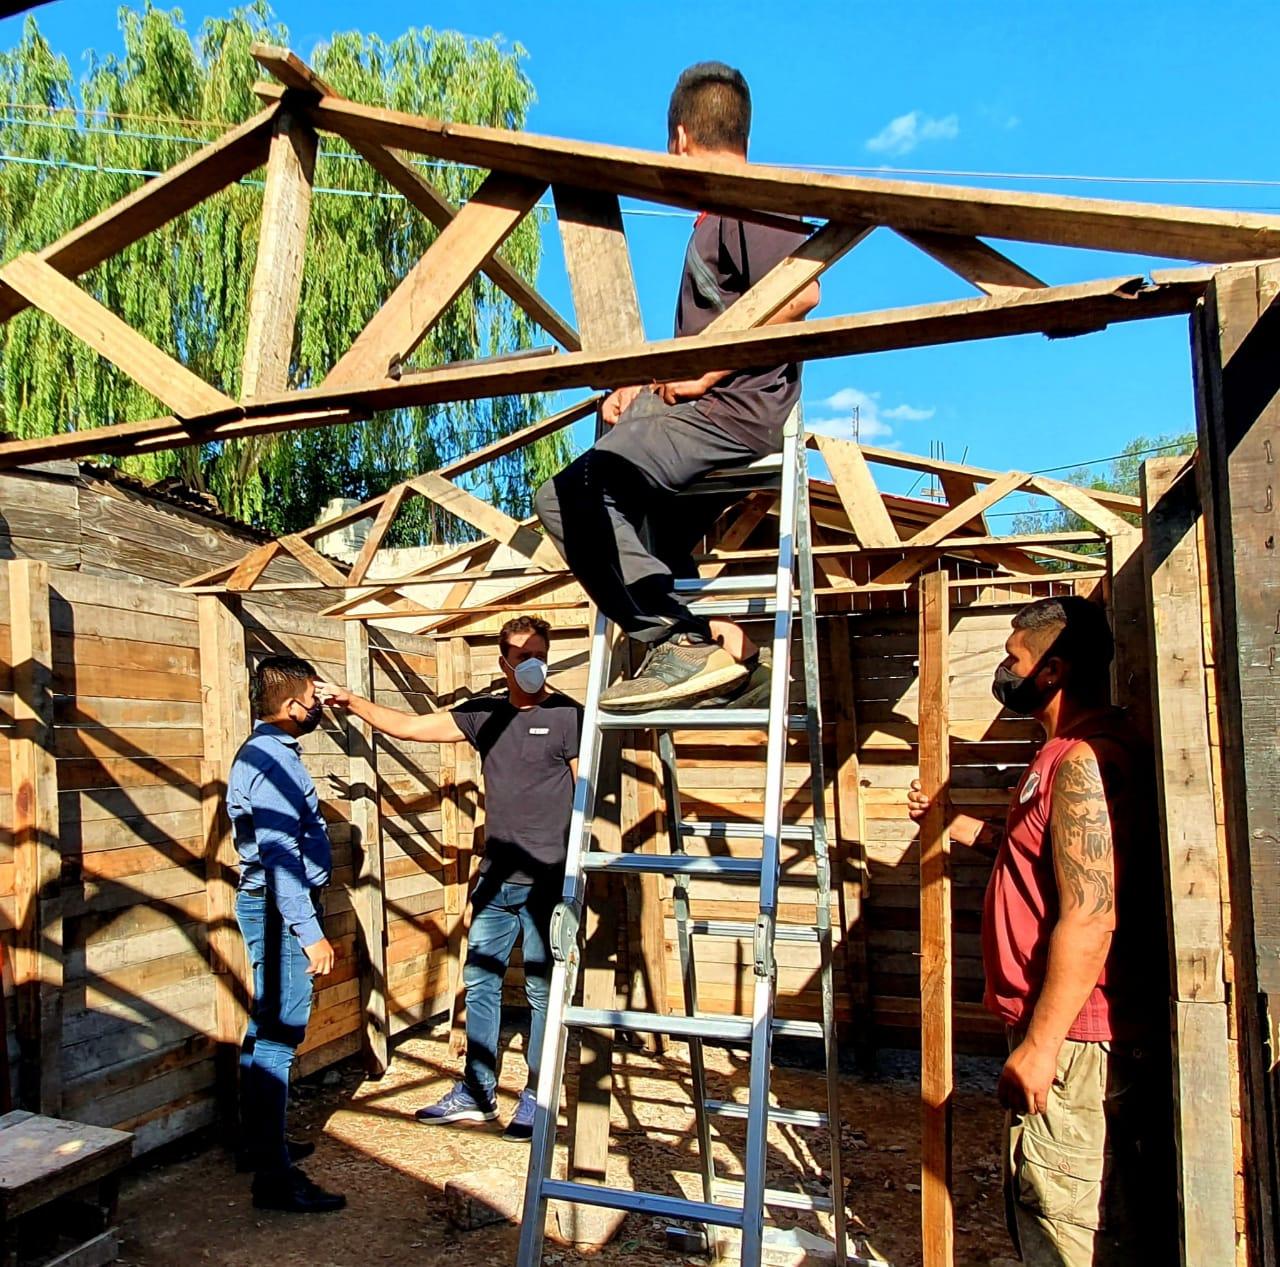 Construyen casas de madera gratuitamente y las calefaccionarán inspirándose en una creación marplatense